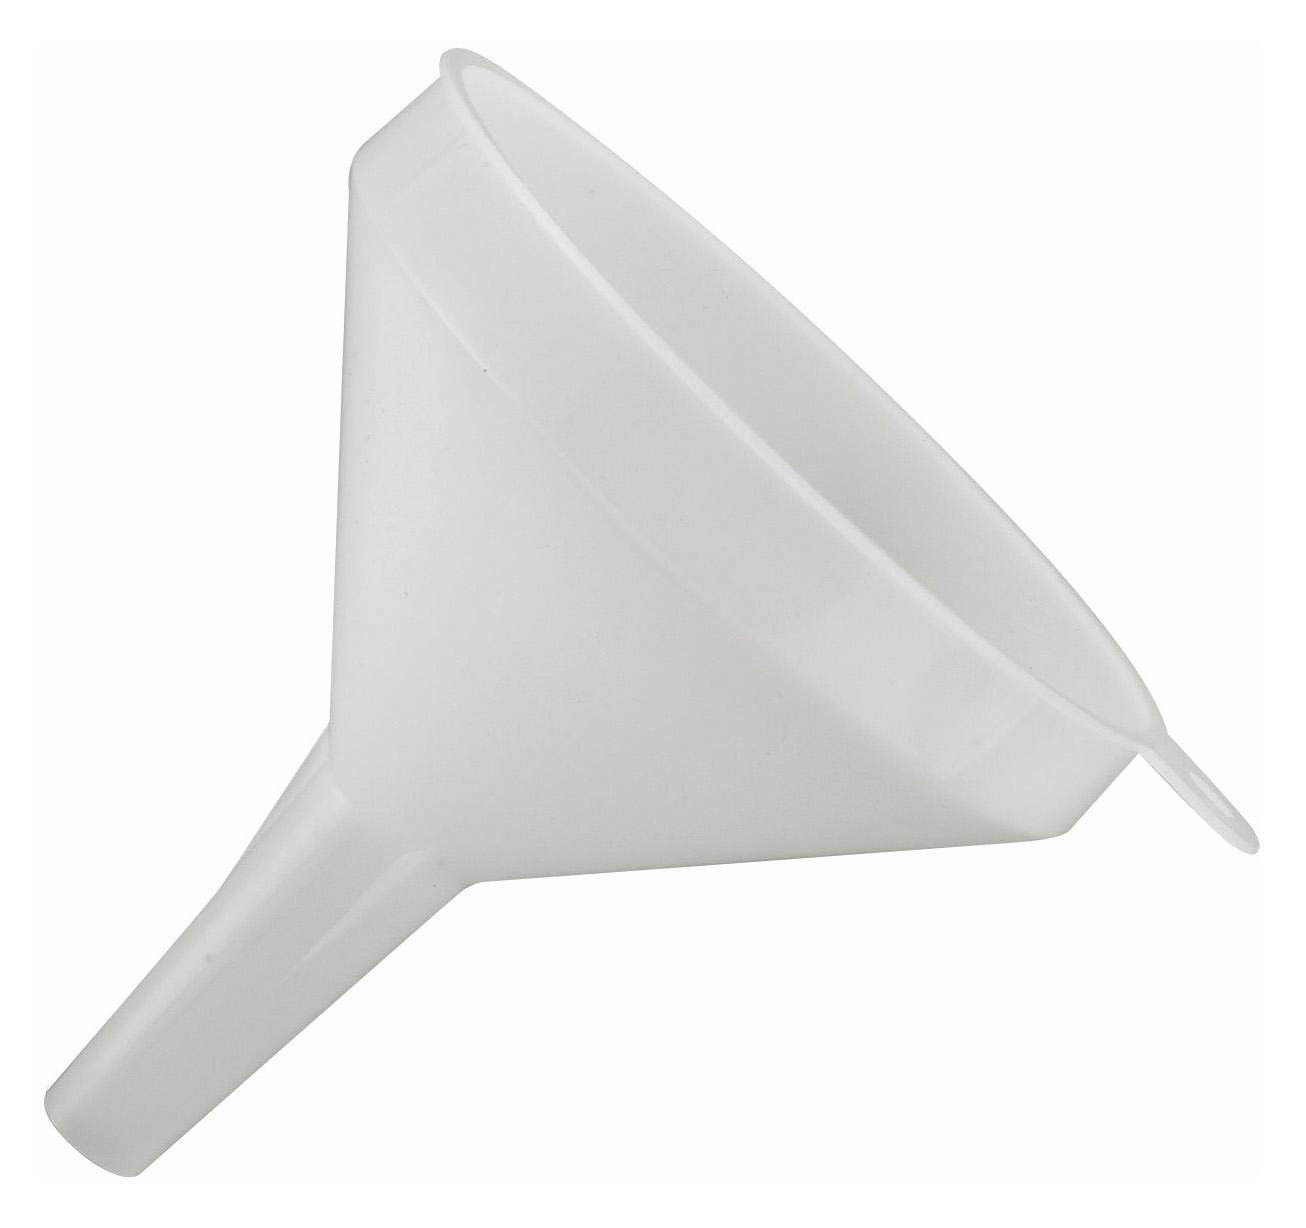 Winco PF-8 funnels